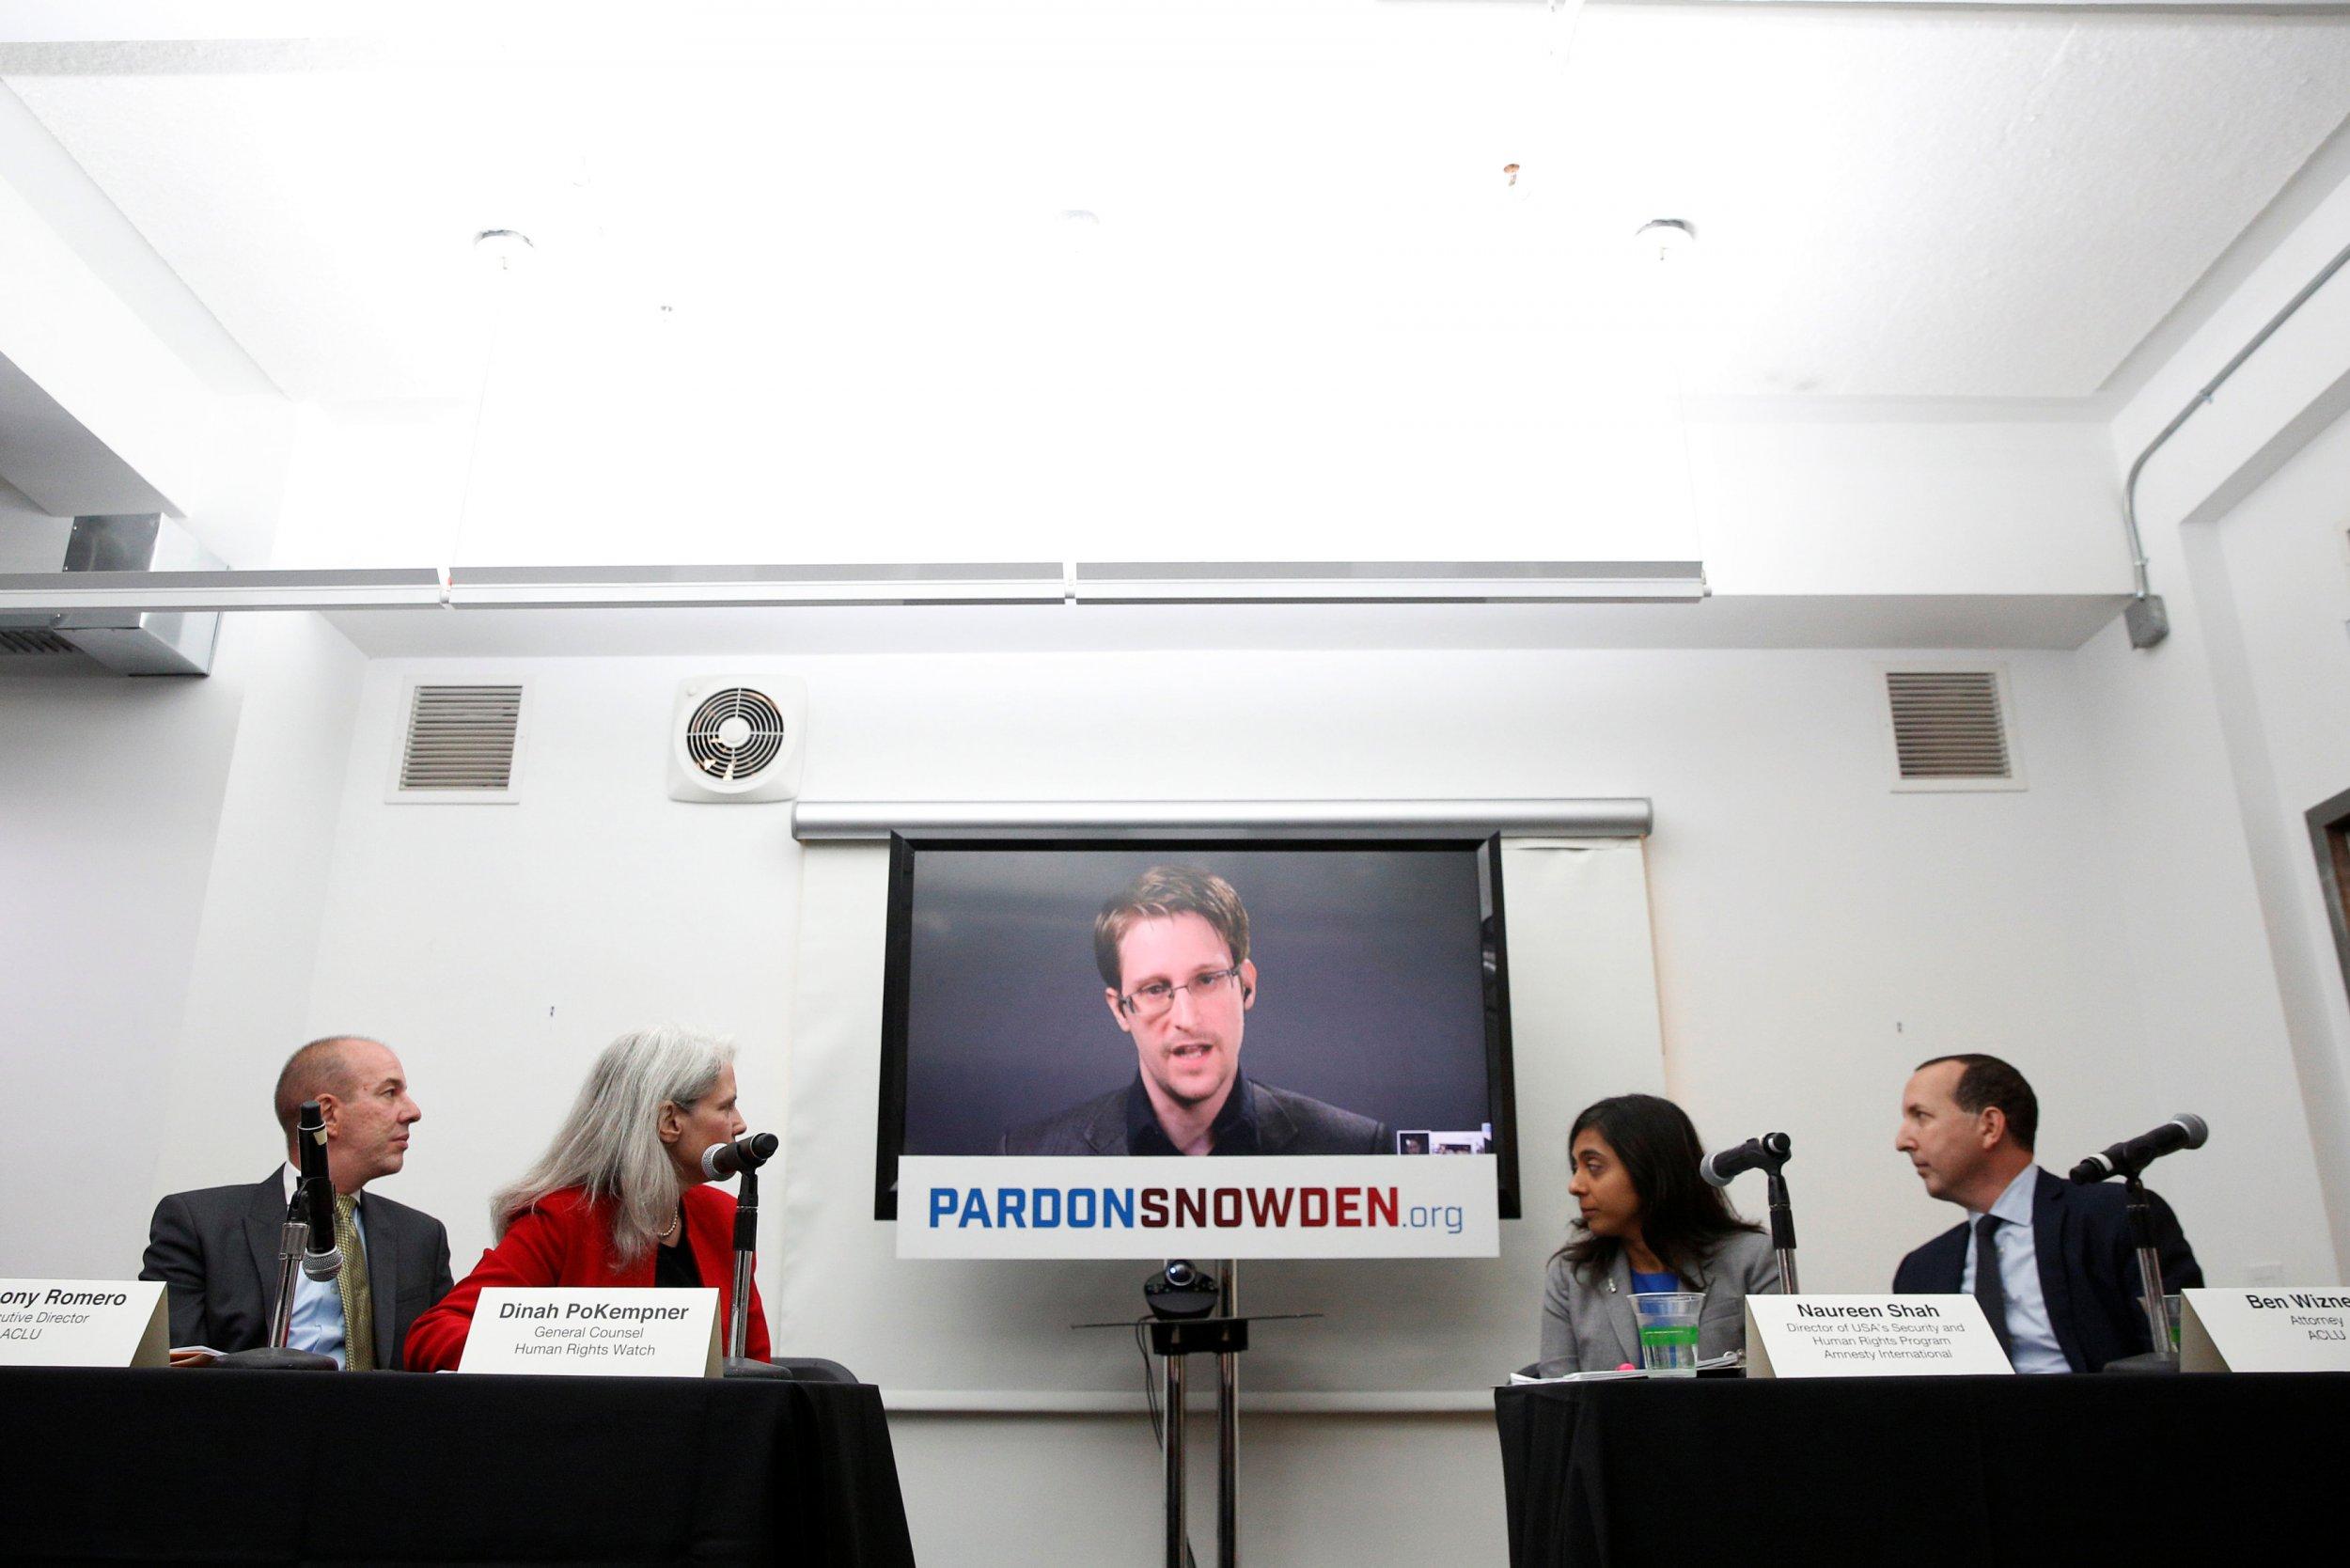 Edward Snowden demands pardon from President Obama